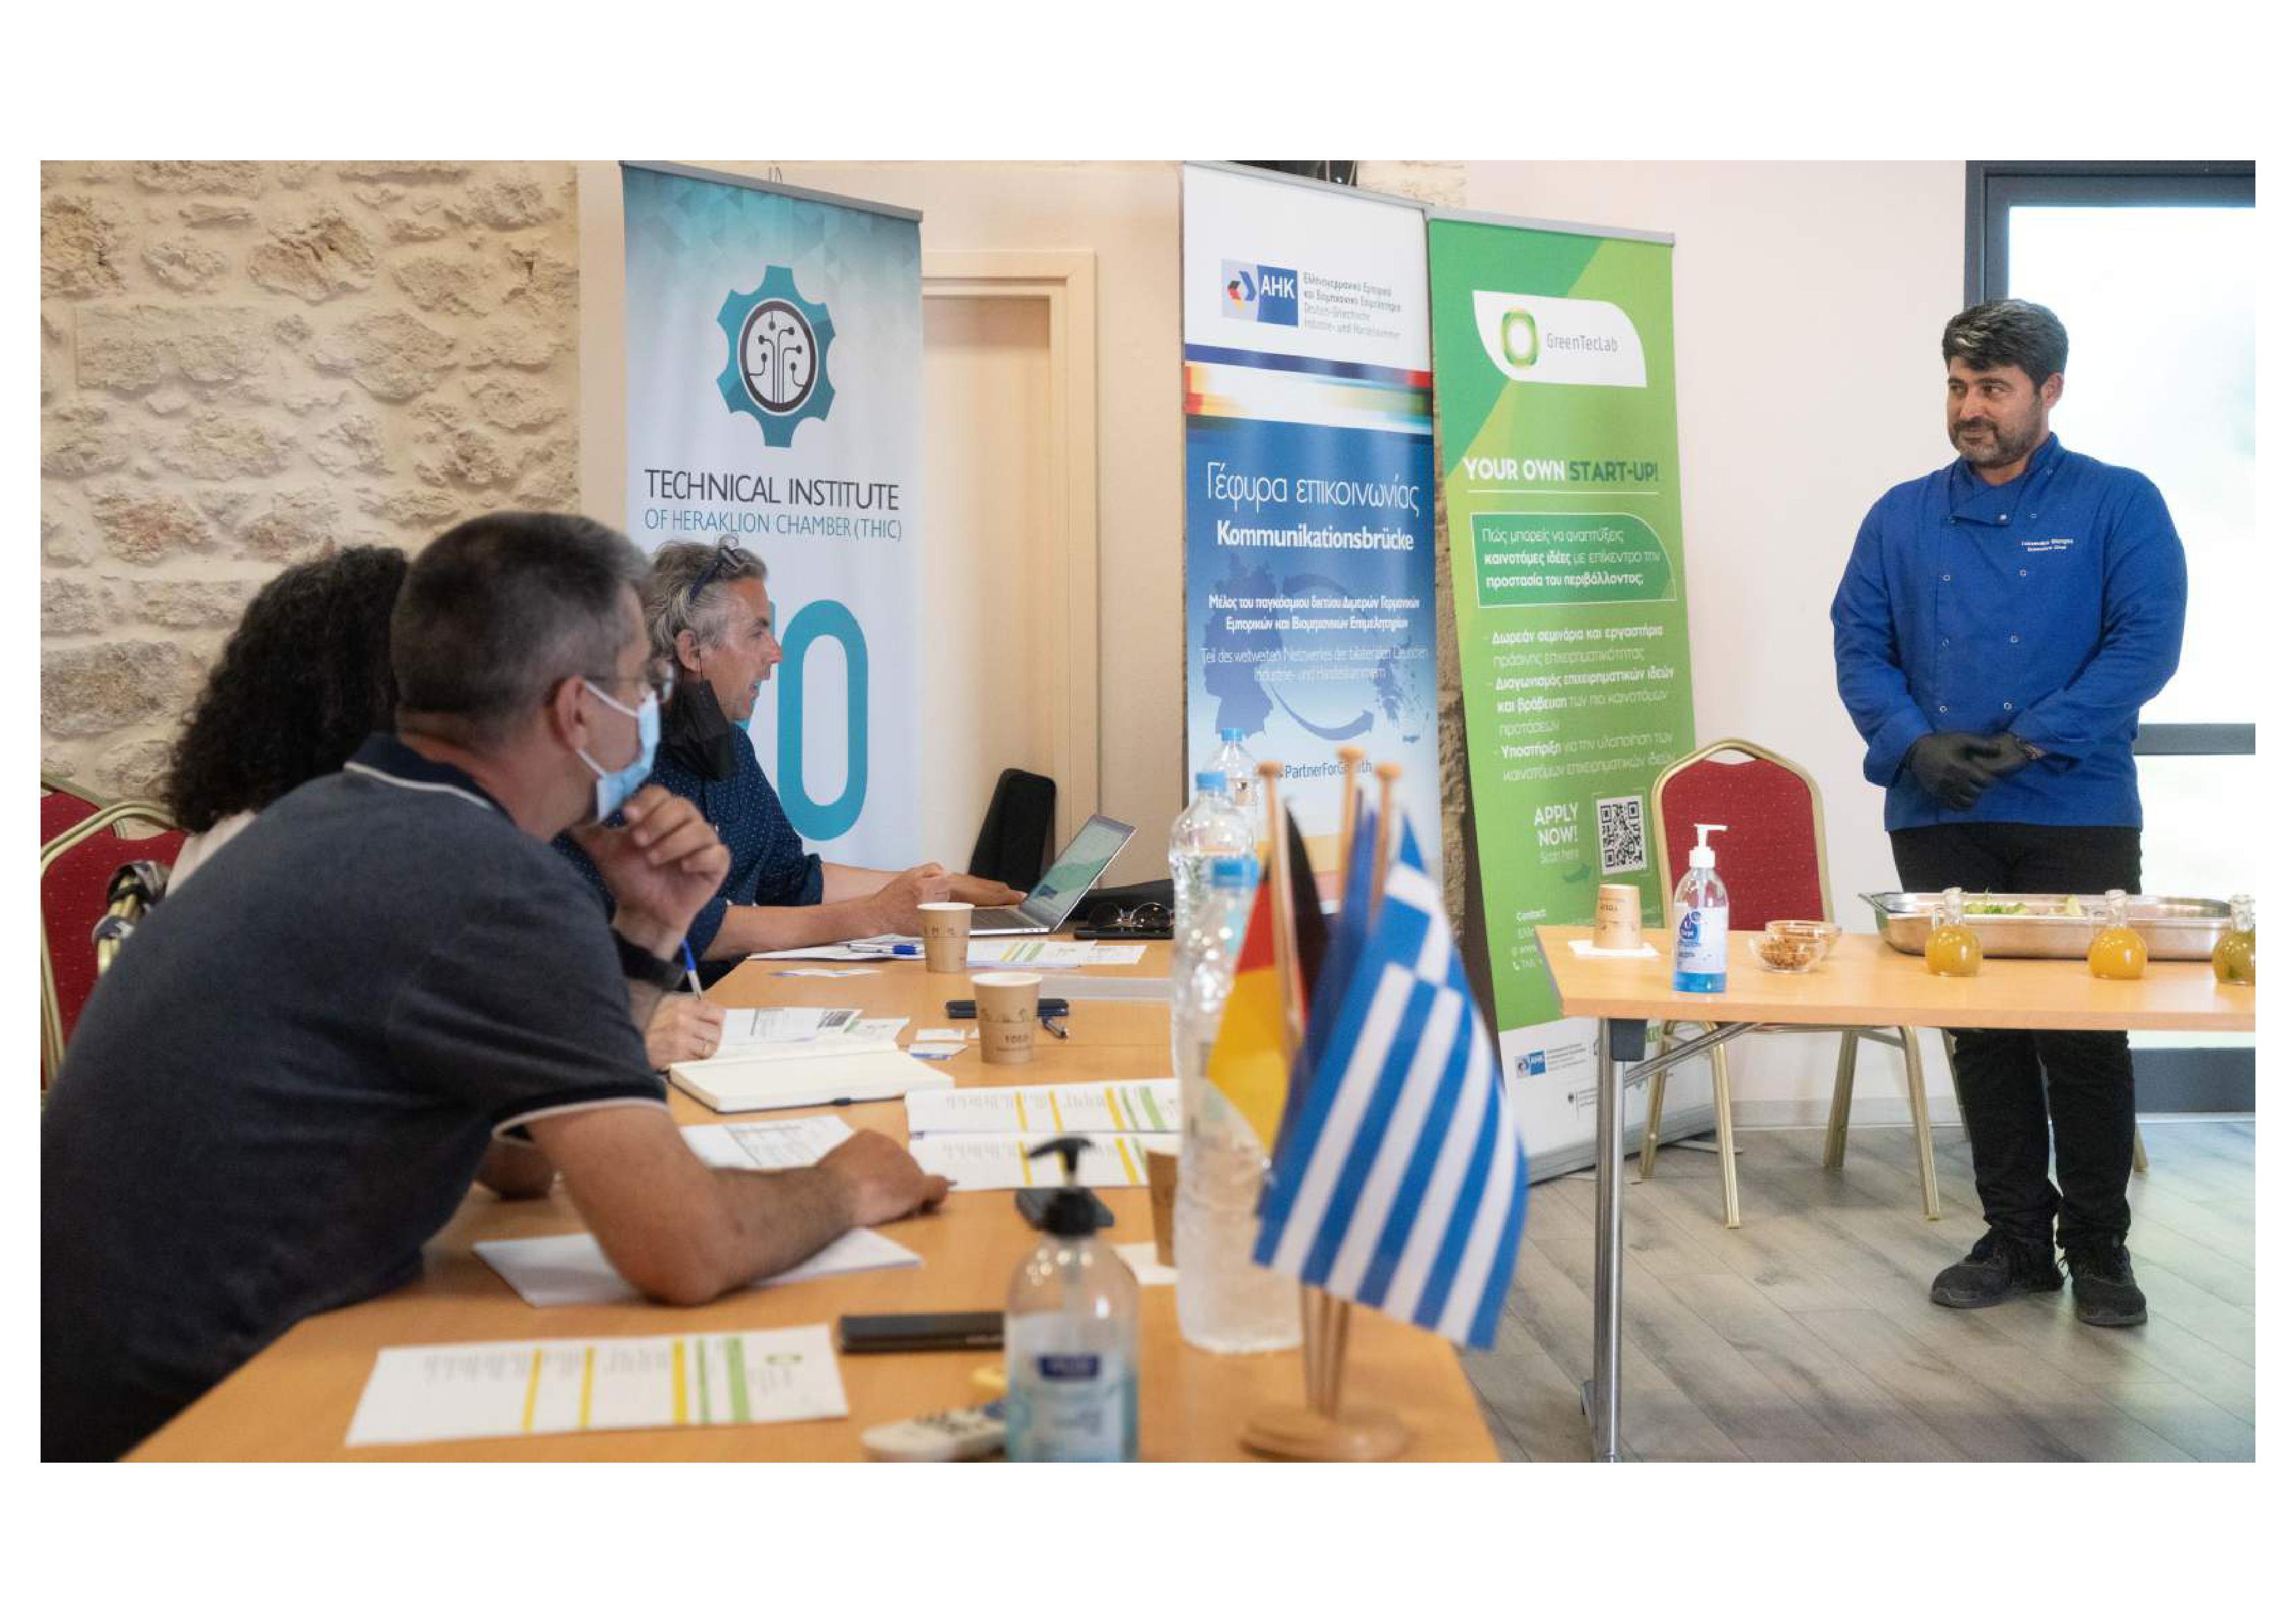 Βράβευση 5 καινοτόμων επιχειρηματικών ιδεών στο πλαίσιο του έργου GreenTecLab